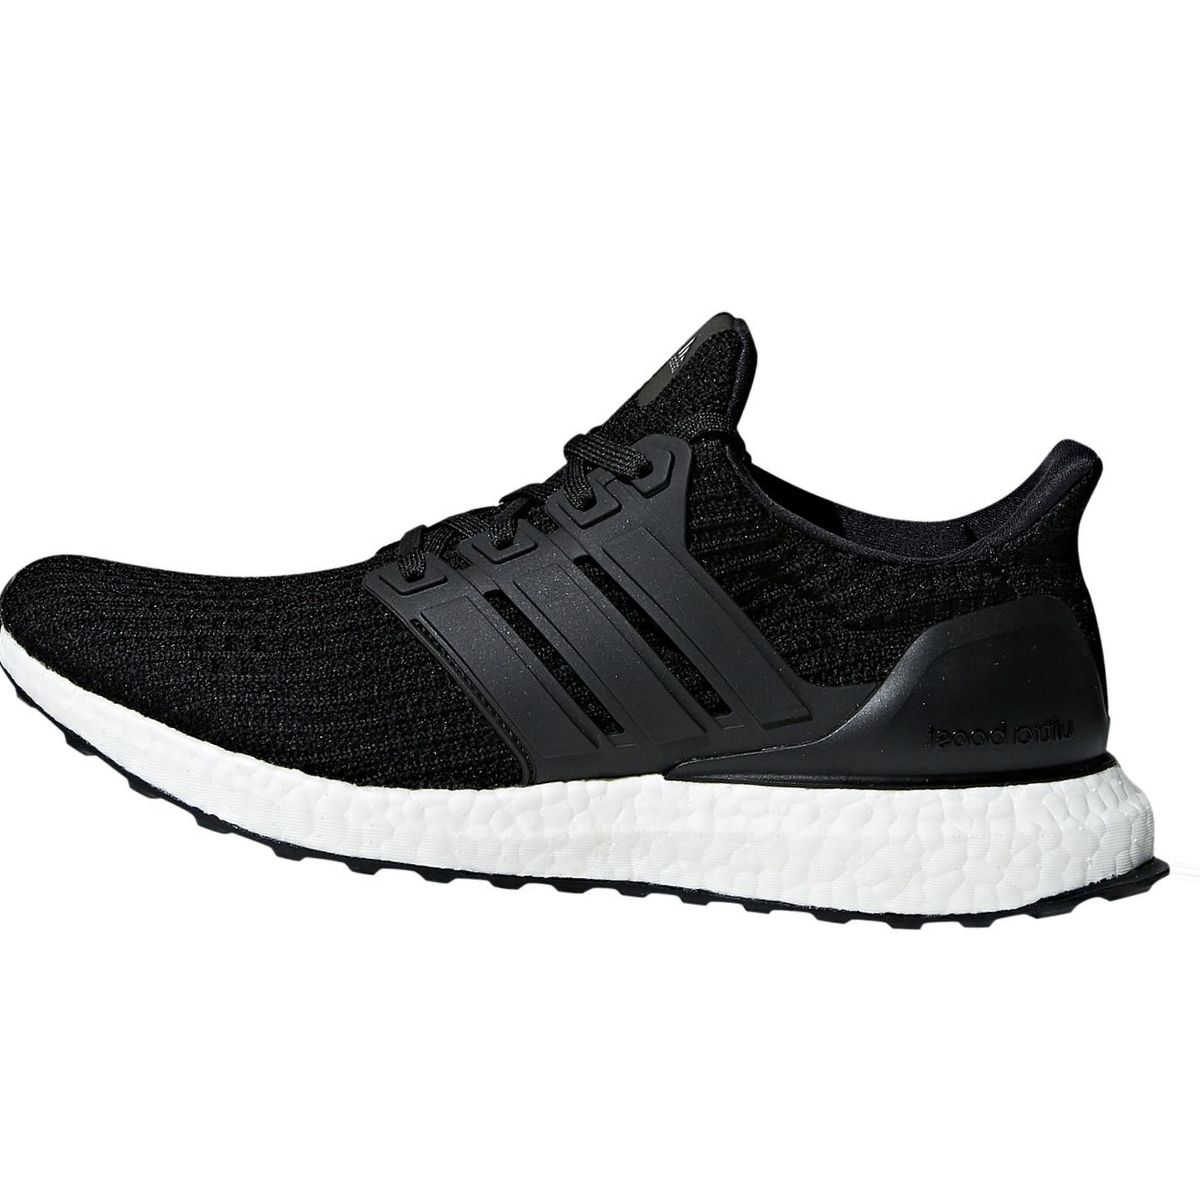 Adidas UltraBoost Running Shoe - Women's